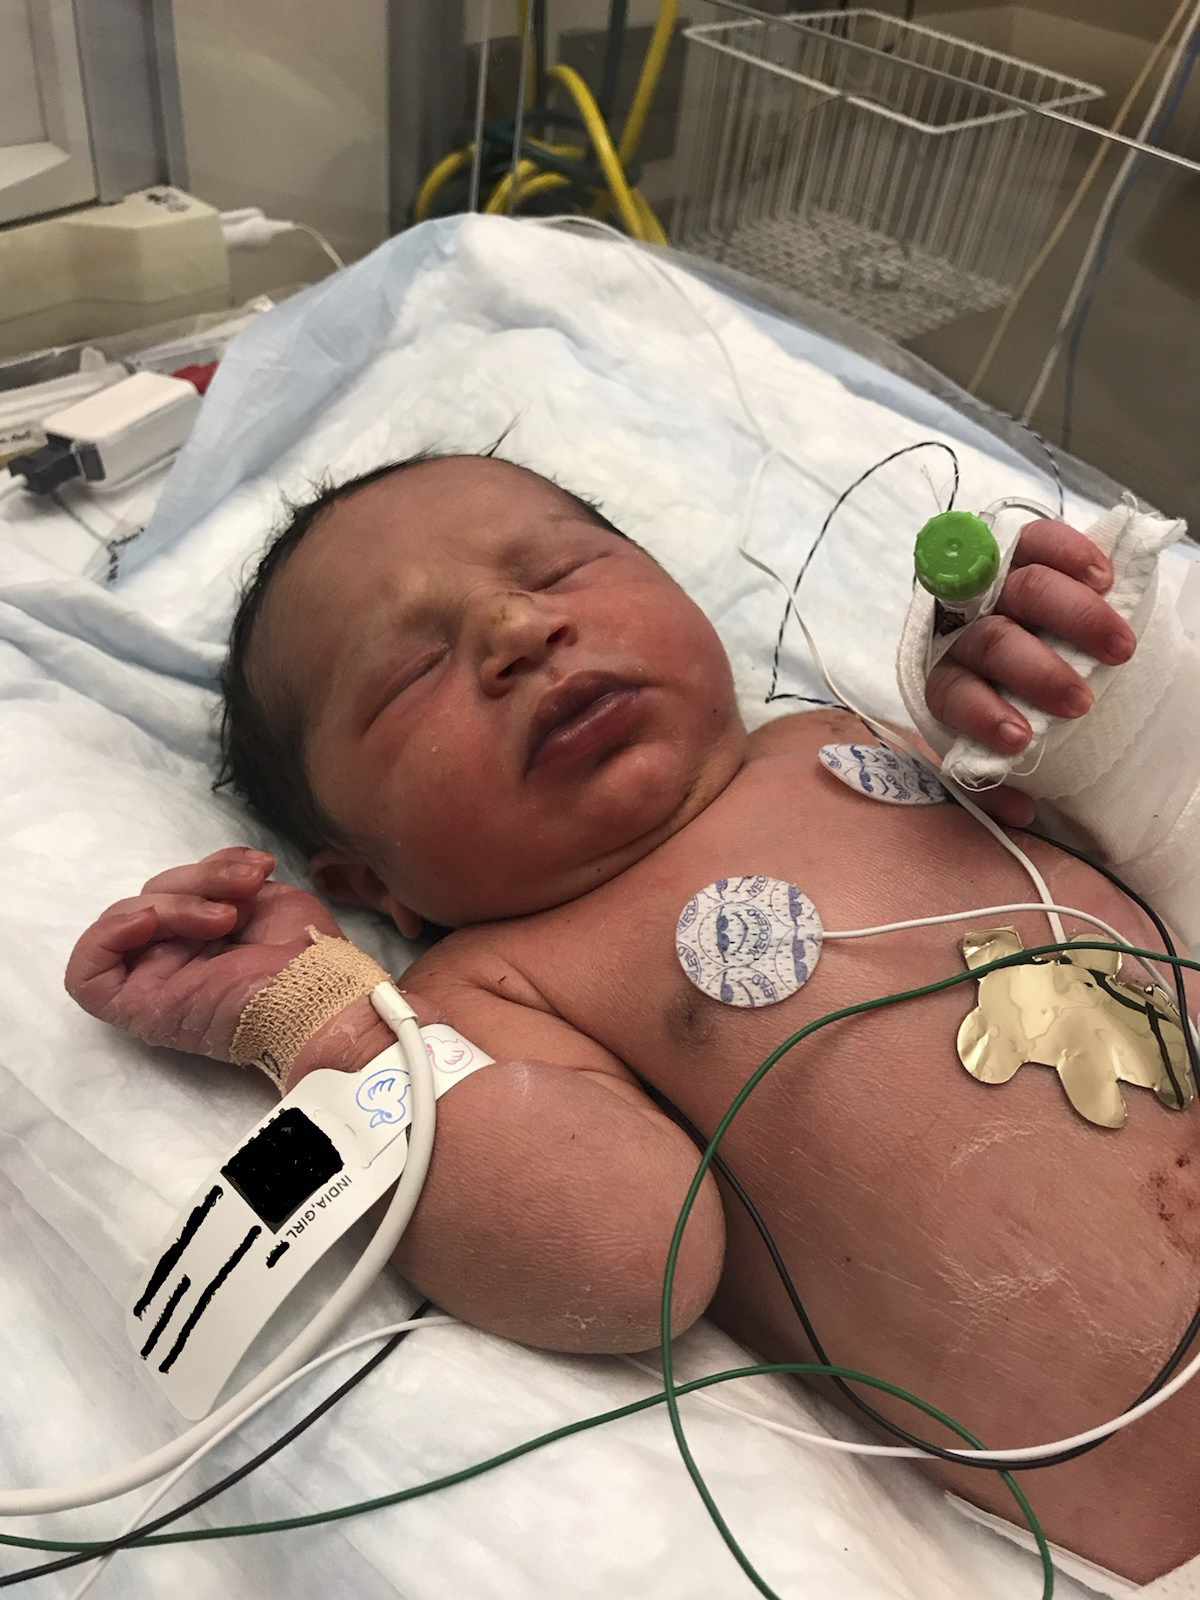 Newborn Found Alive Woods_1559939012299